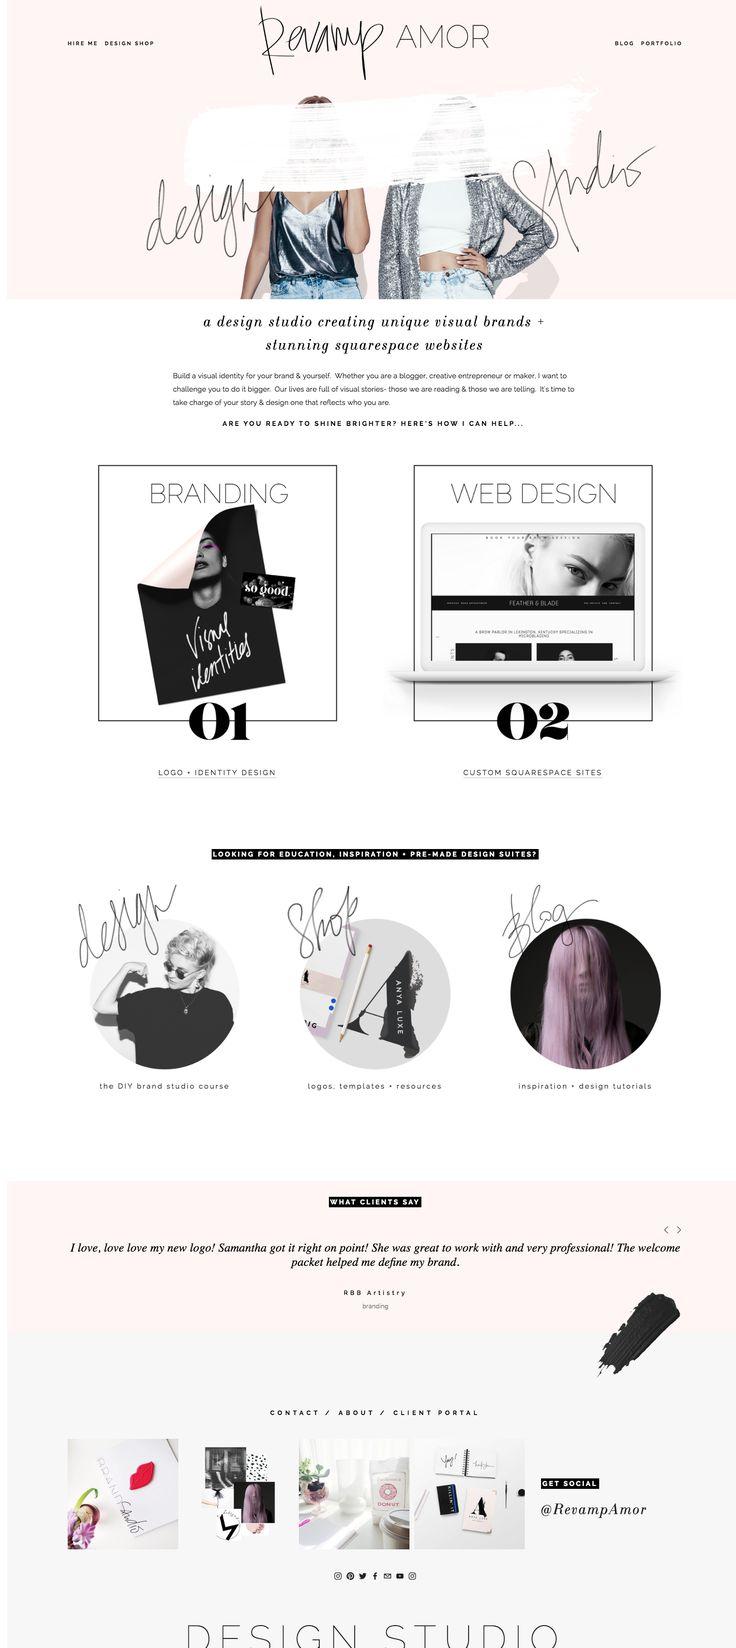 63 Best Revamp Amor Portfolio Images On Pinterest Brand Design